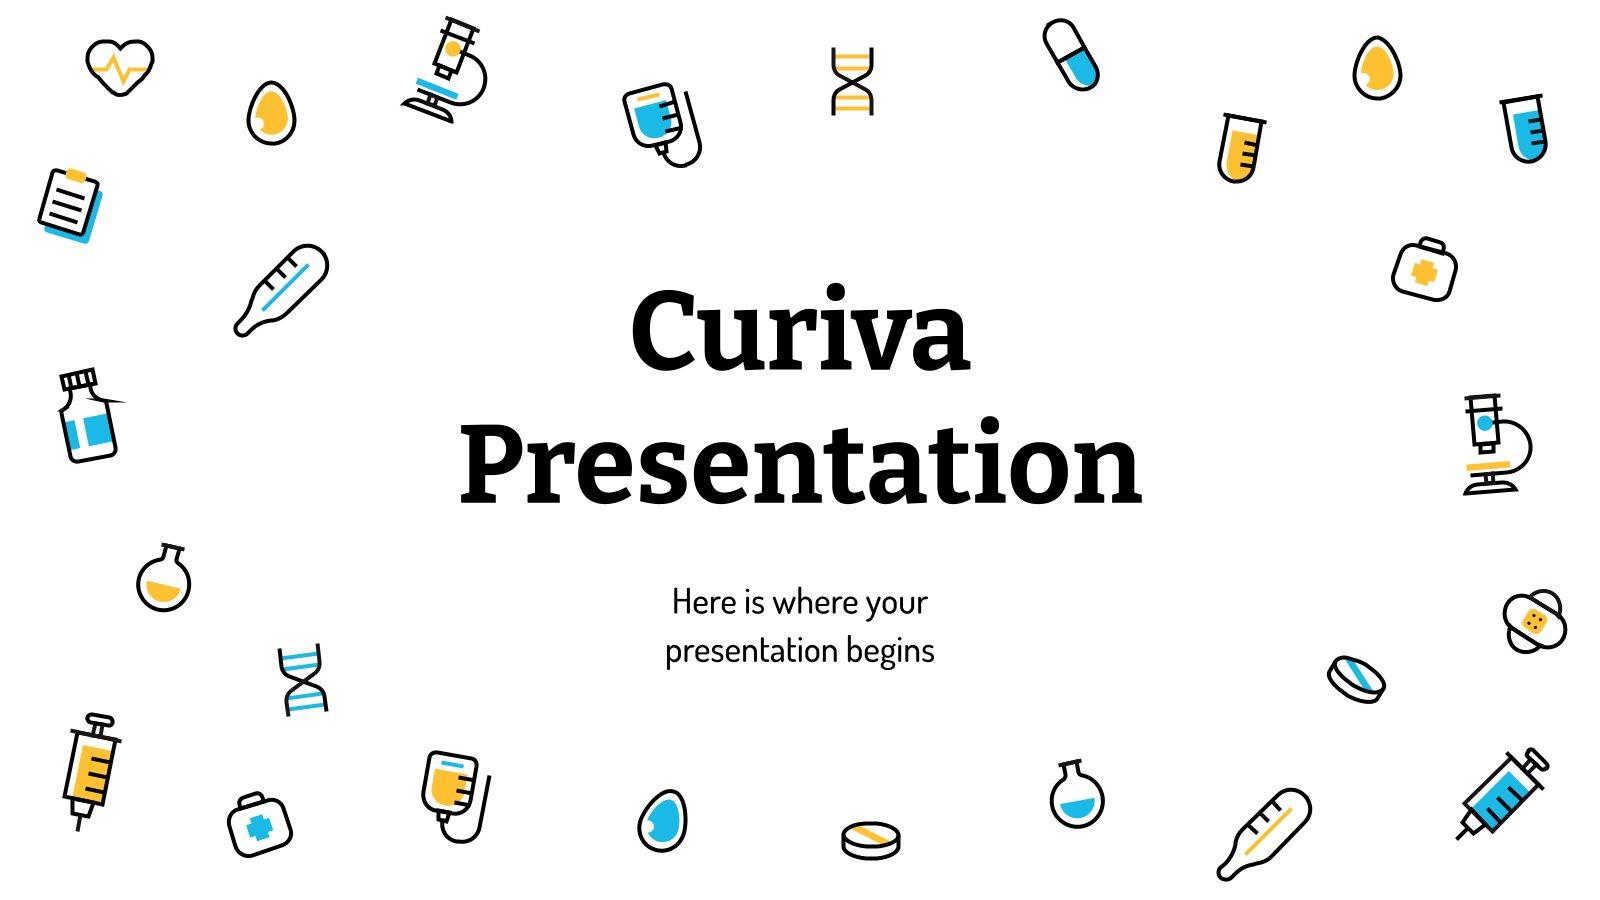 Curiva presentation template